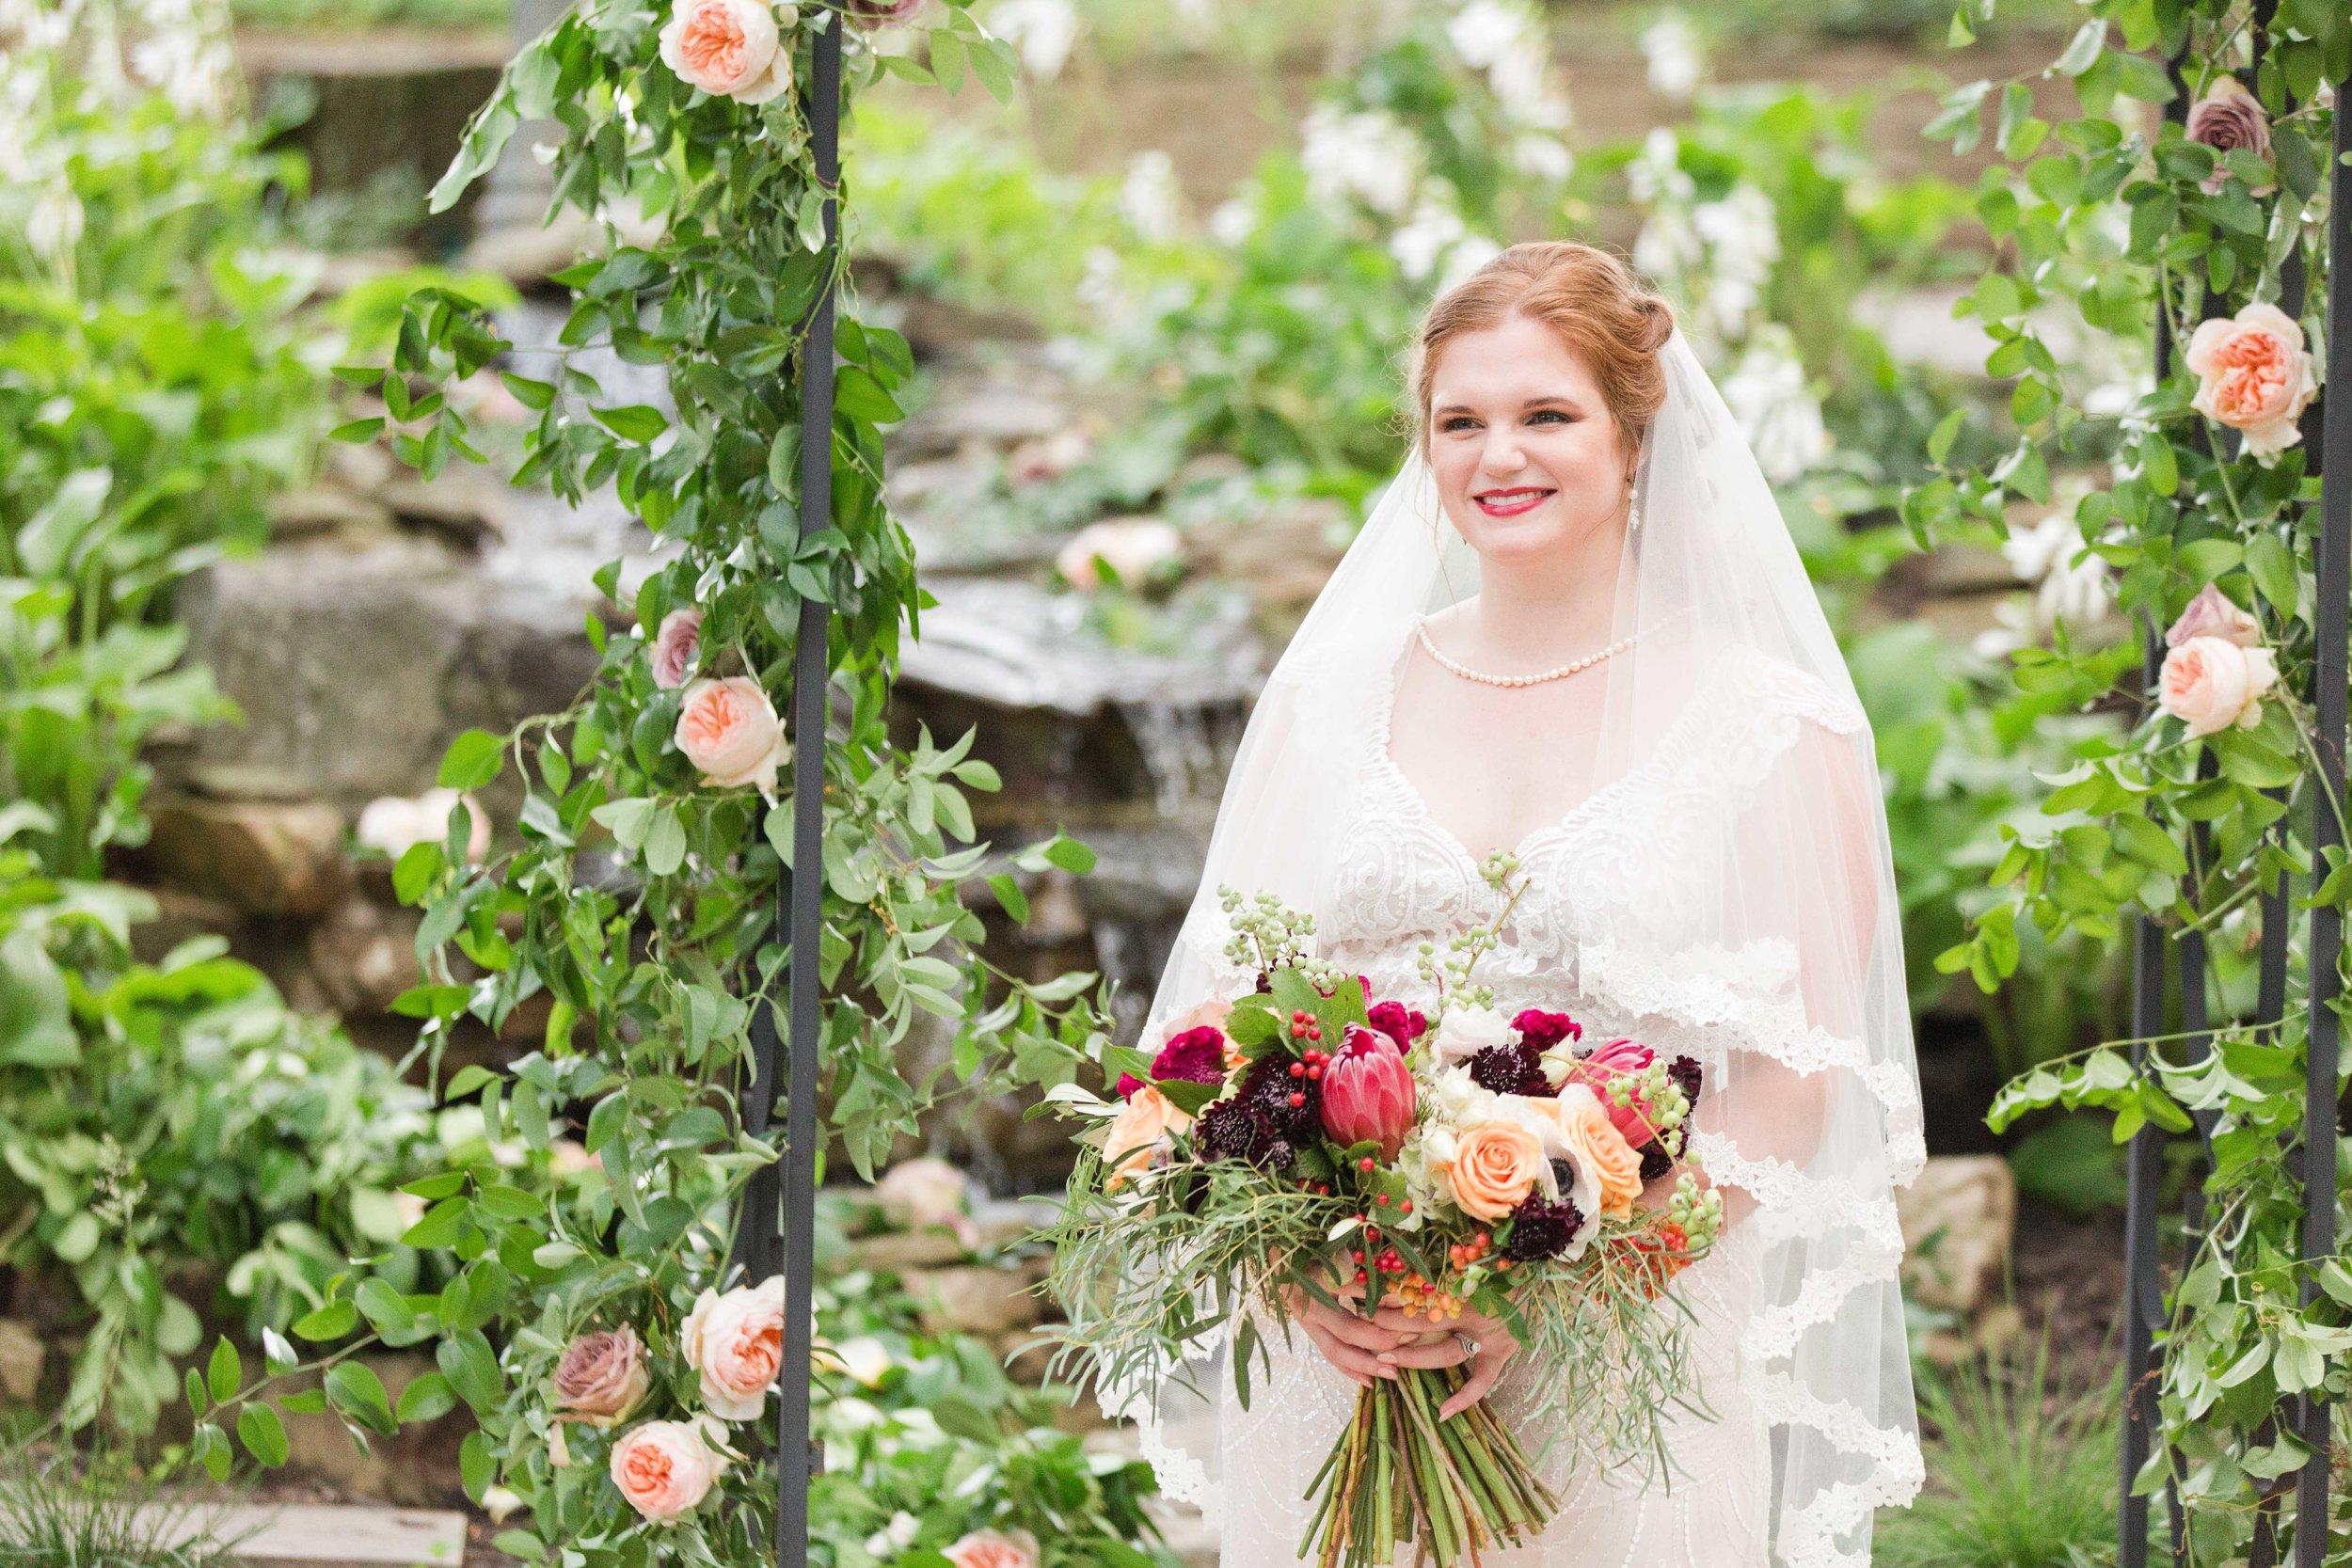 mcfarland_house_martinsburg_wedding-1.jpg